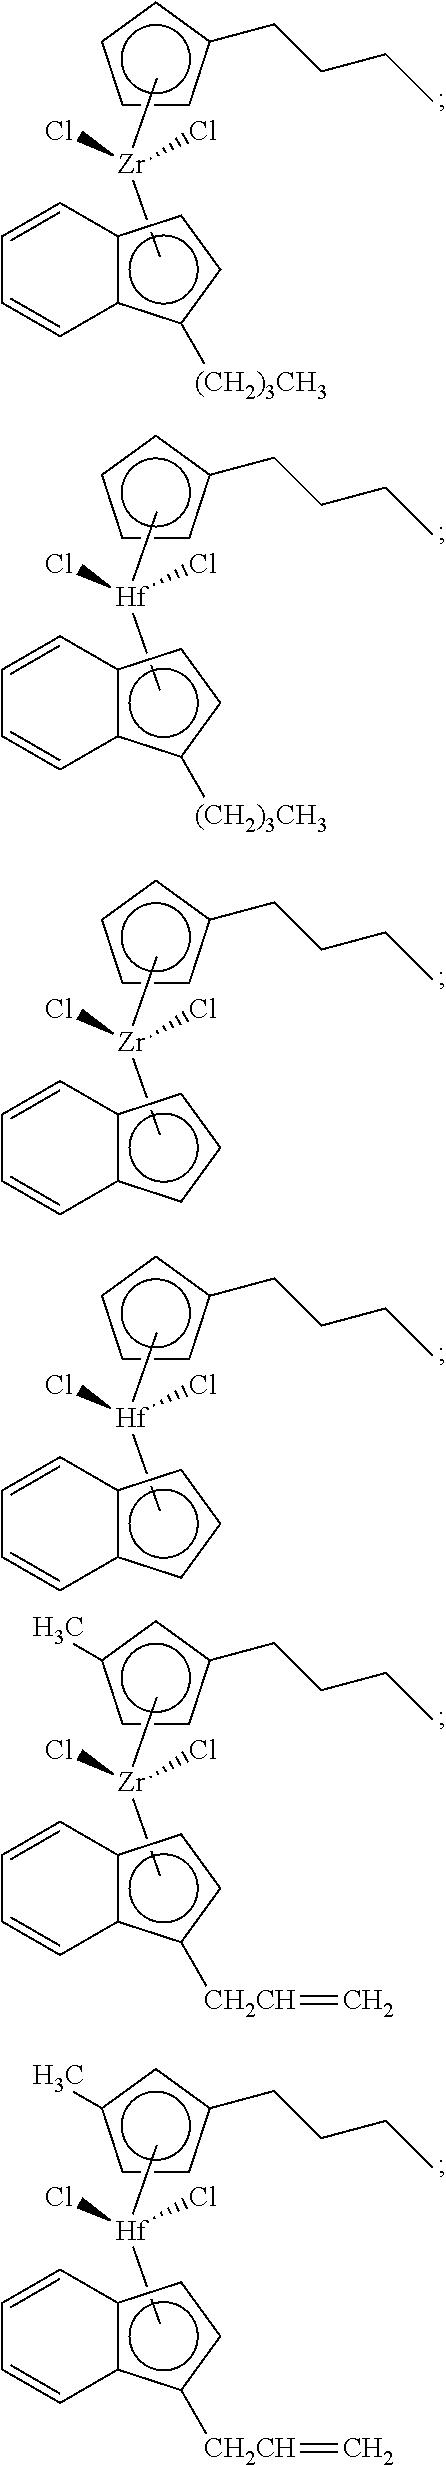 Figure US08318873-20121127-C00037